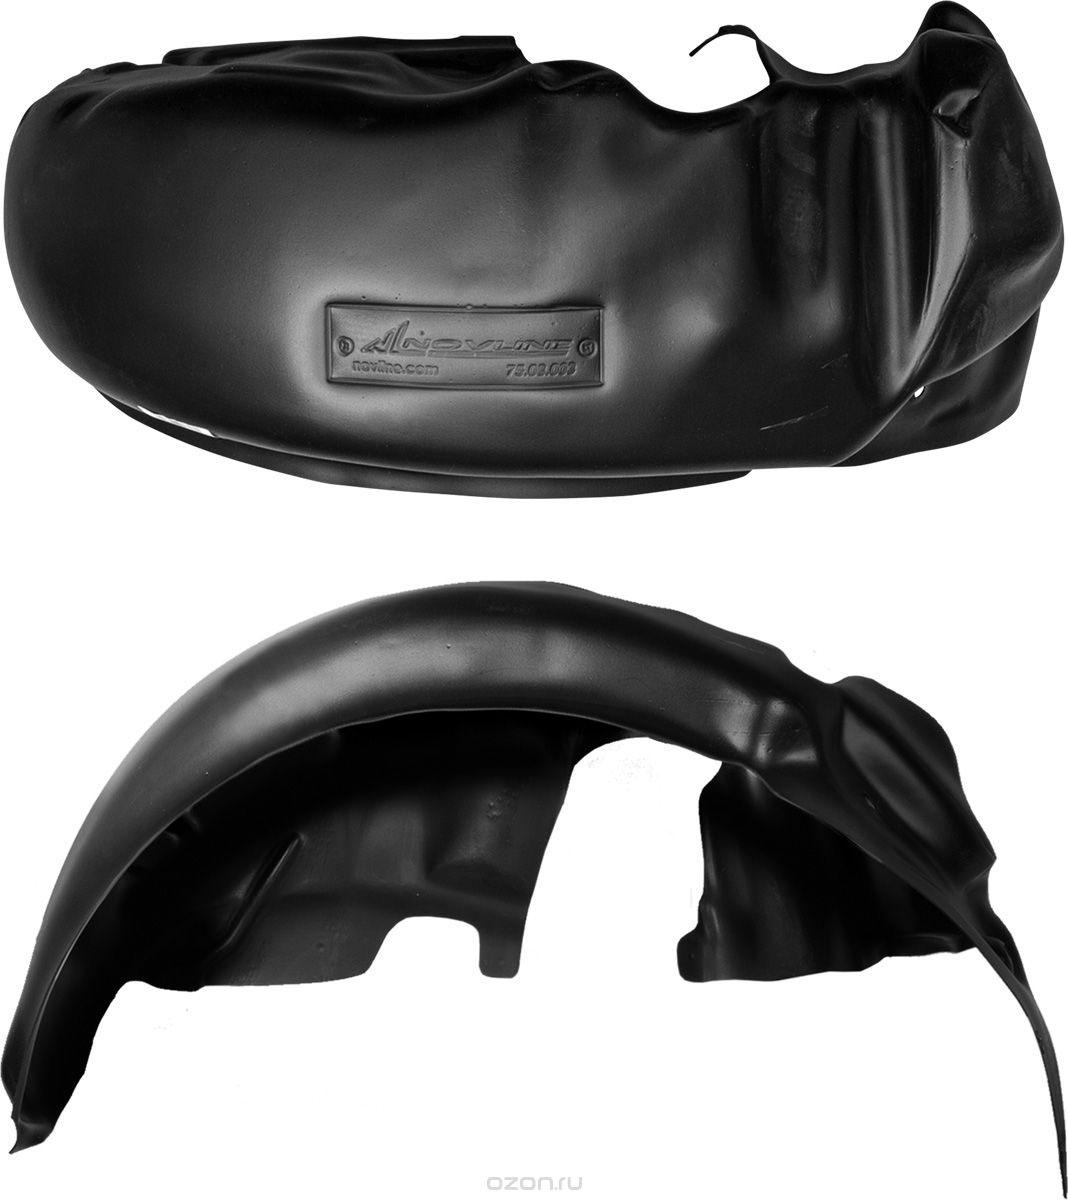 Подкрылок Novline-Autofamily, для UAZ Patriot 3163, 2005->, задний левыйNLL.54.04.003Идеальная защита колесной ниши. Локеры разработаны с применением цифровых технологий, гарантируют максимальную повторяемость поверхности арки. Изделия устанавливаются без нарушения лакокрасочного покрытия автомобиля, каждый подкрылок комплектуется крепежом. Уважаемые клиенты, обращаем ваше внимание, что фотографии на подкрылки универсальные и не отражают реальную форму изделия. При этом само изделие идет точно под размер указанного автомобиля.